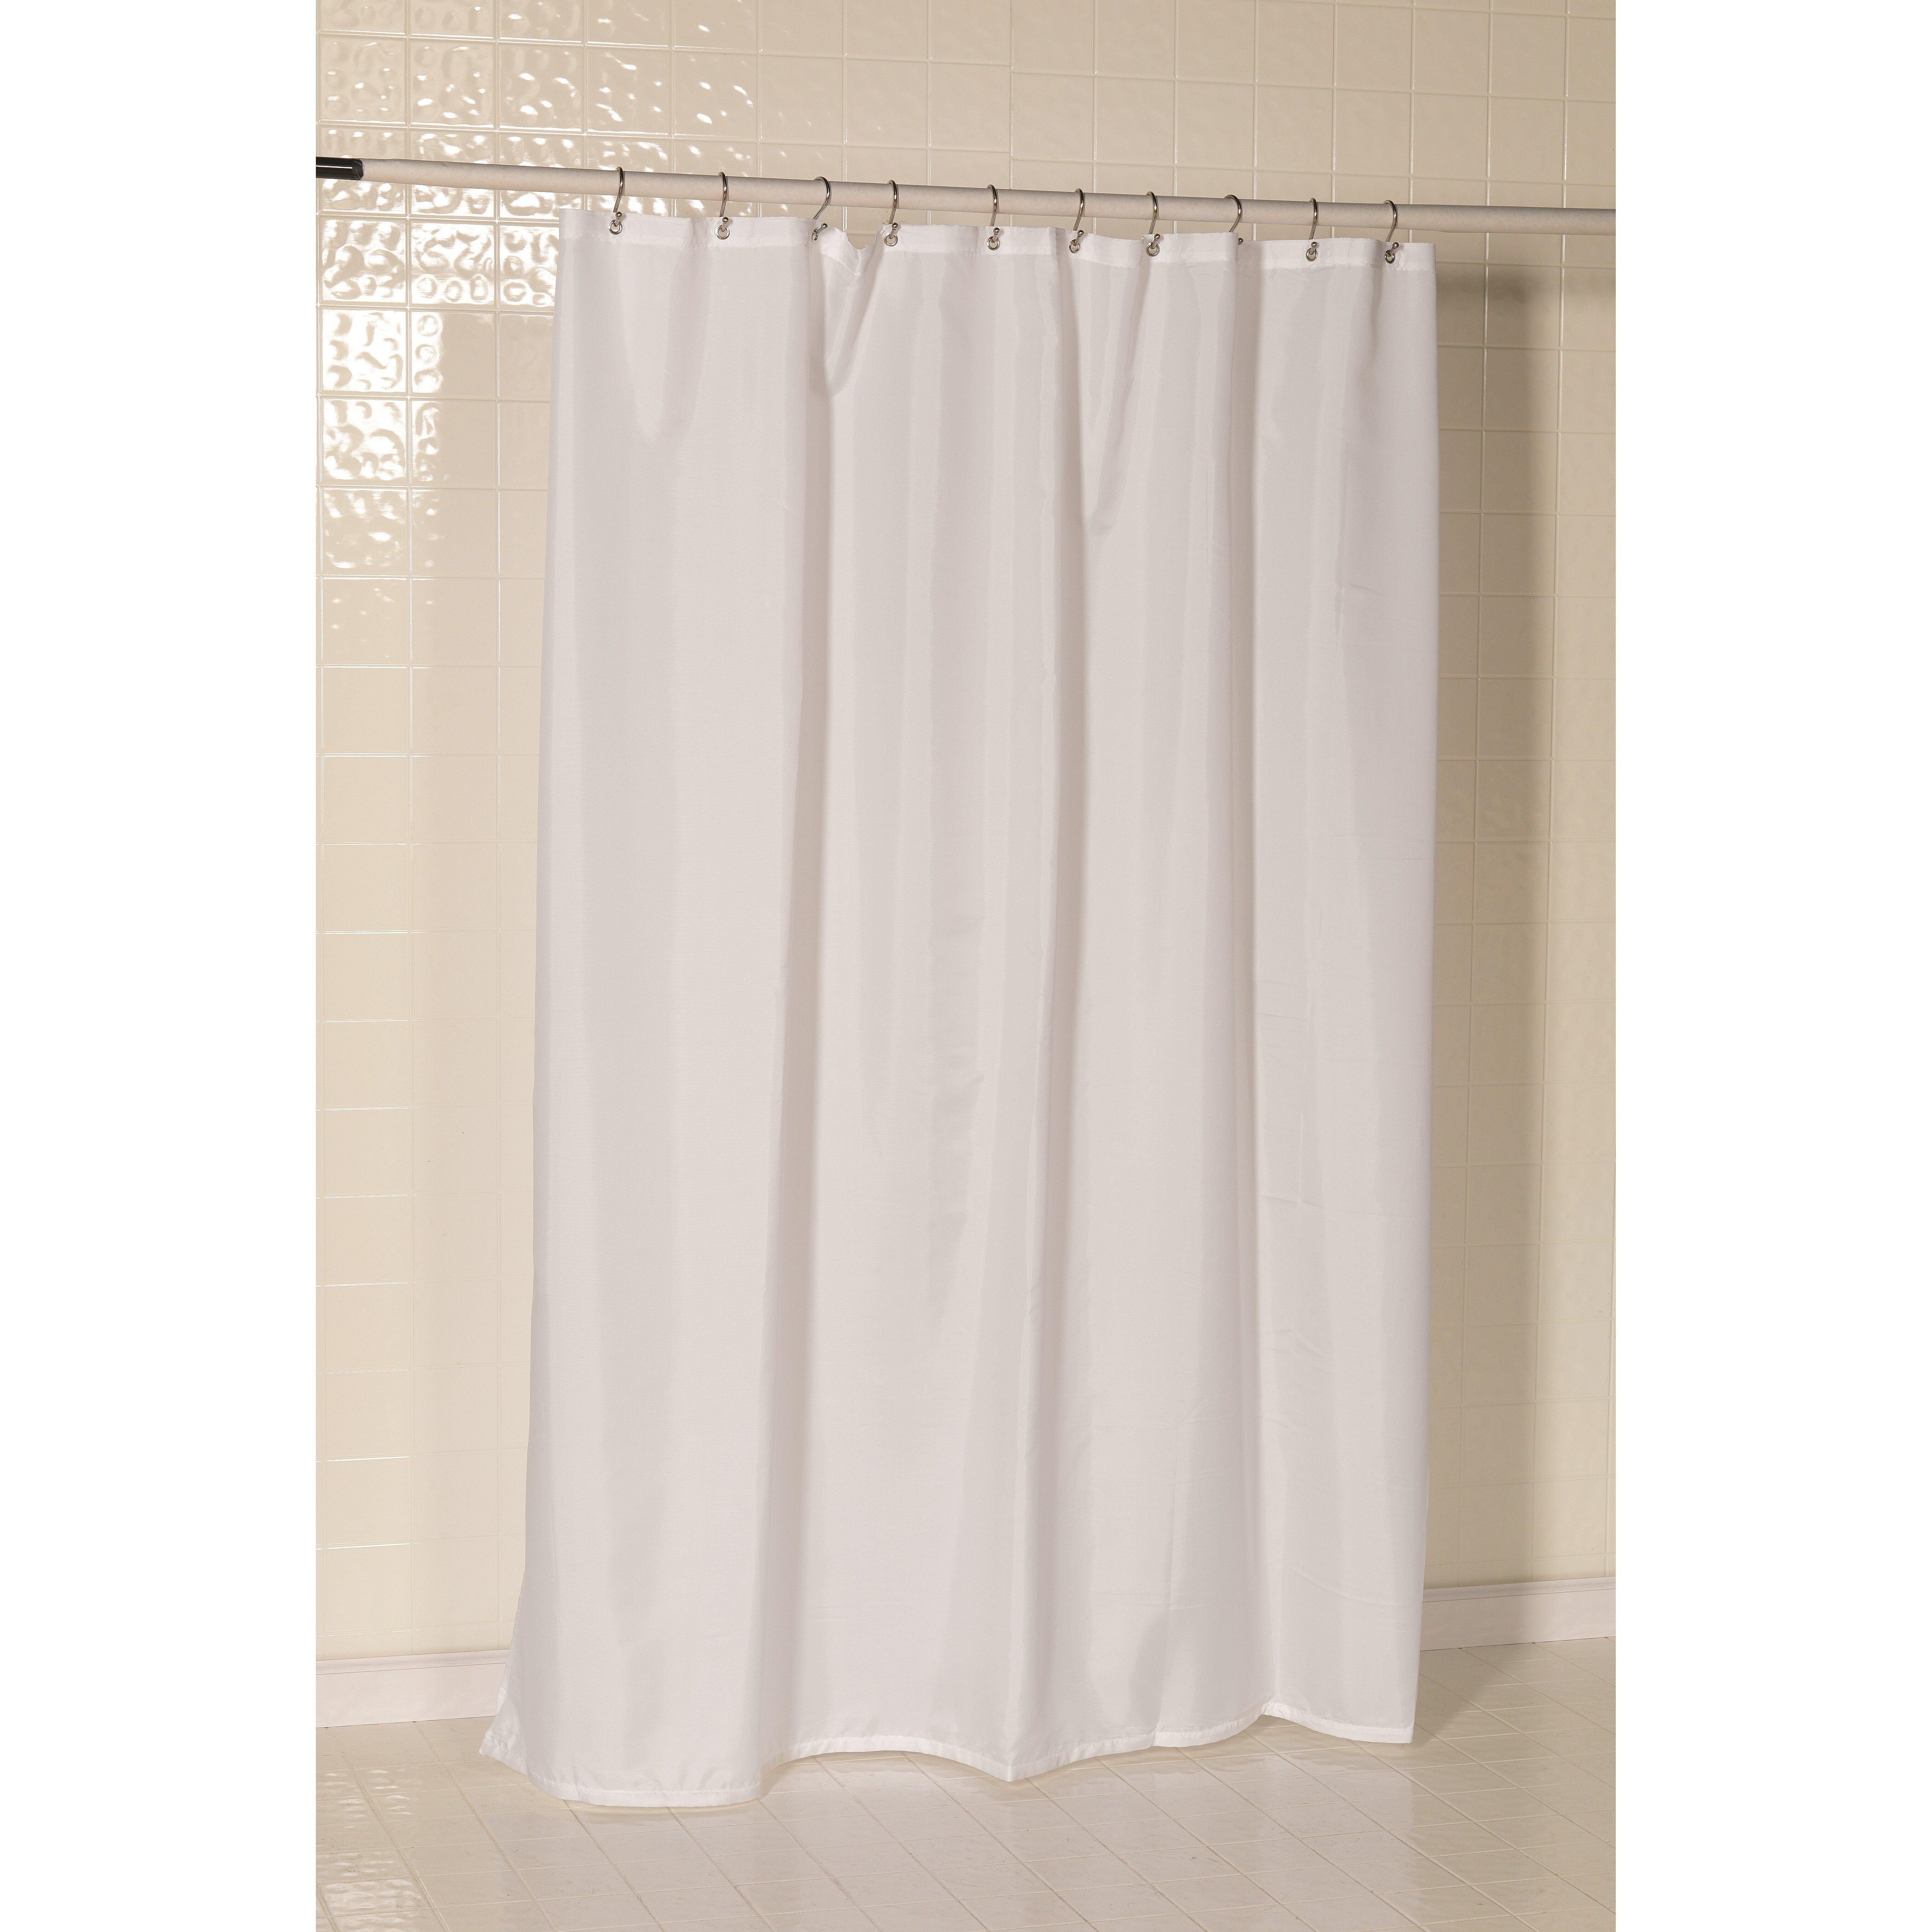 Nylon Shower Curtain Liner